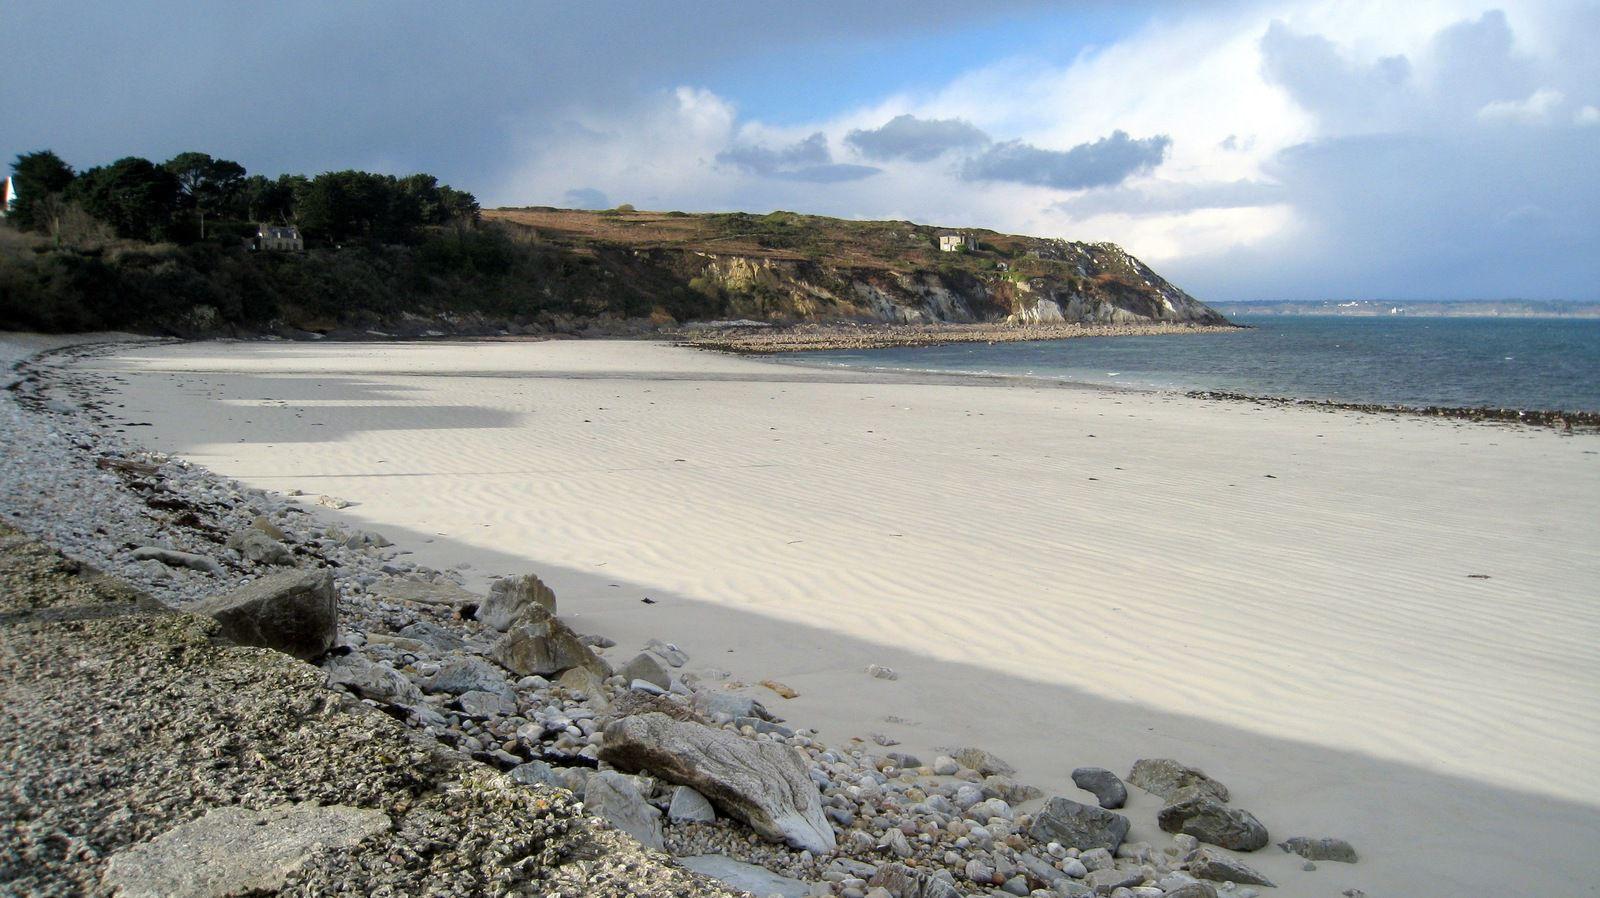 Camaret-sur-mer, incroyable jolie plage de sable blanc au centre-ville.